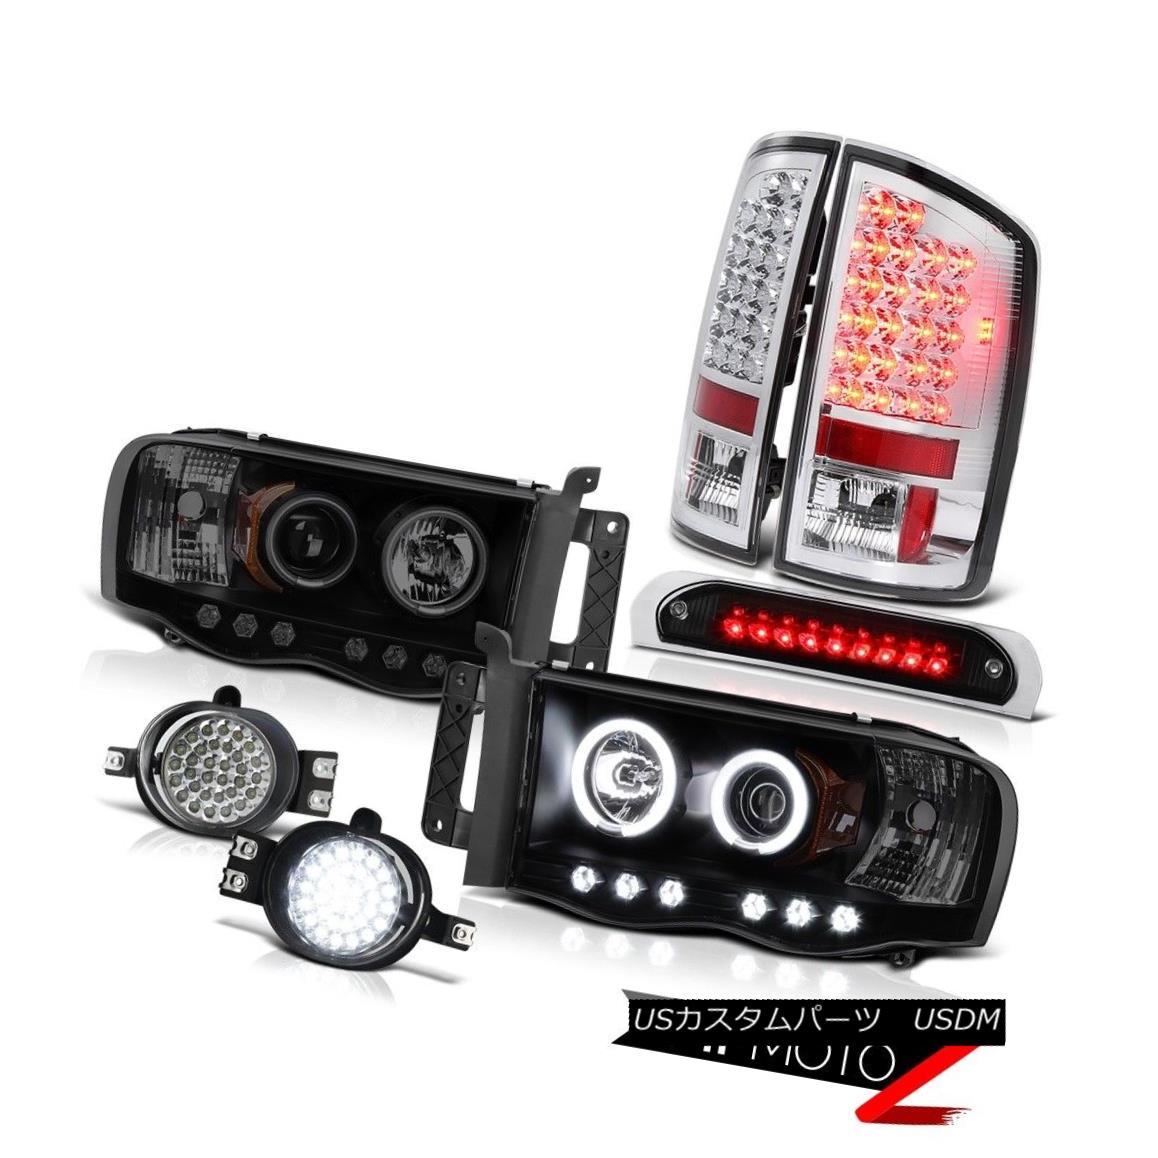 テールライト 2002-2005 Ram 2500 CCFL Rim Headlights LED Tail Lights Trim Foglight Brake Cargo 2002-2005 Ram 2500 CCFLリムヘッドライトLEDテールライトトリムフォグライトブレーキカーゴ